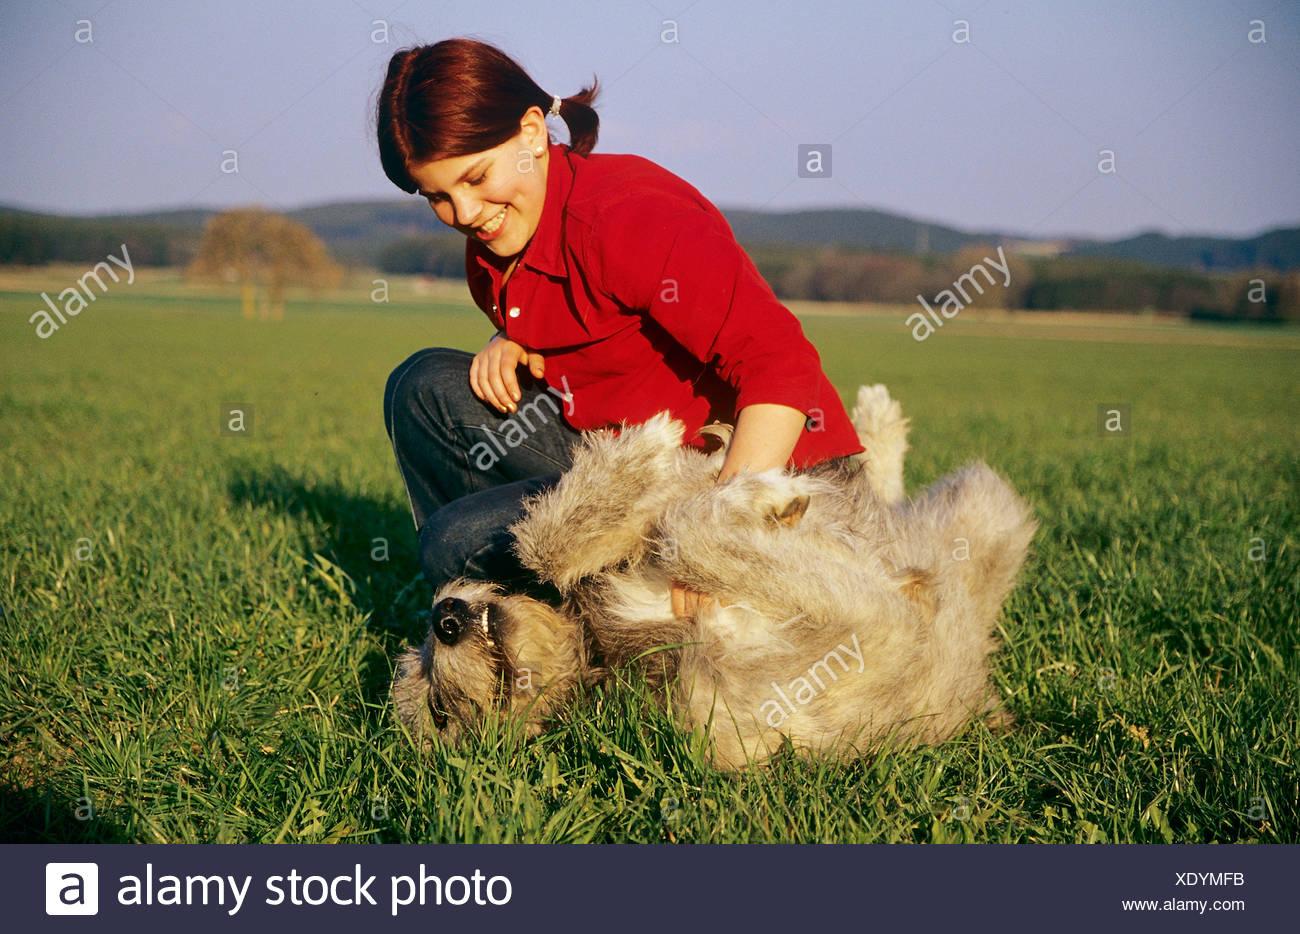 woman petting Irish Wolfhound dog - Stock Image